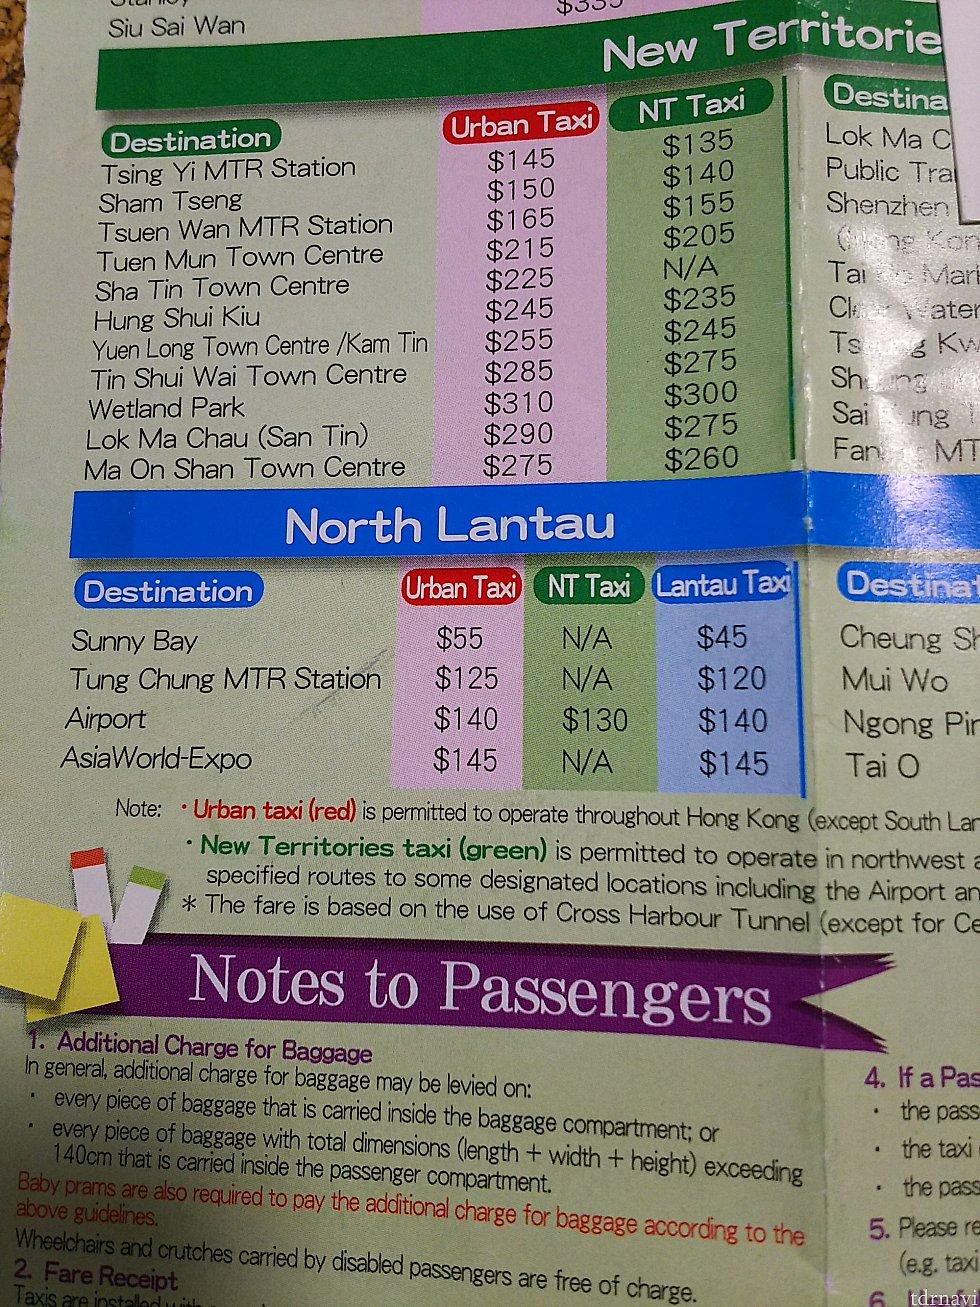 これによると、空港までは赤と青は140ドル、緑は130ドル程度が平均だよ…となっています。